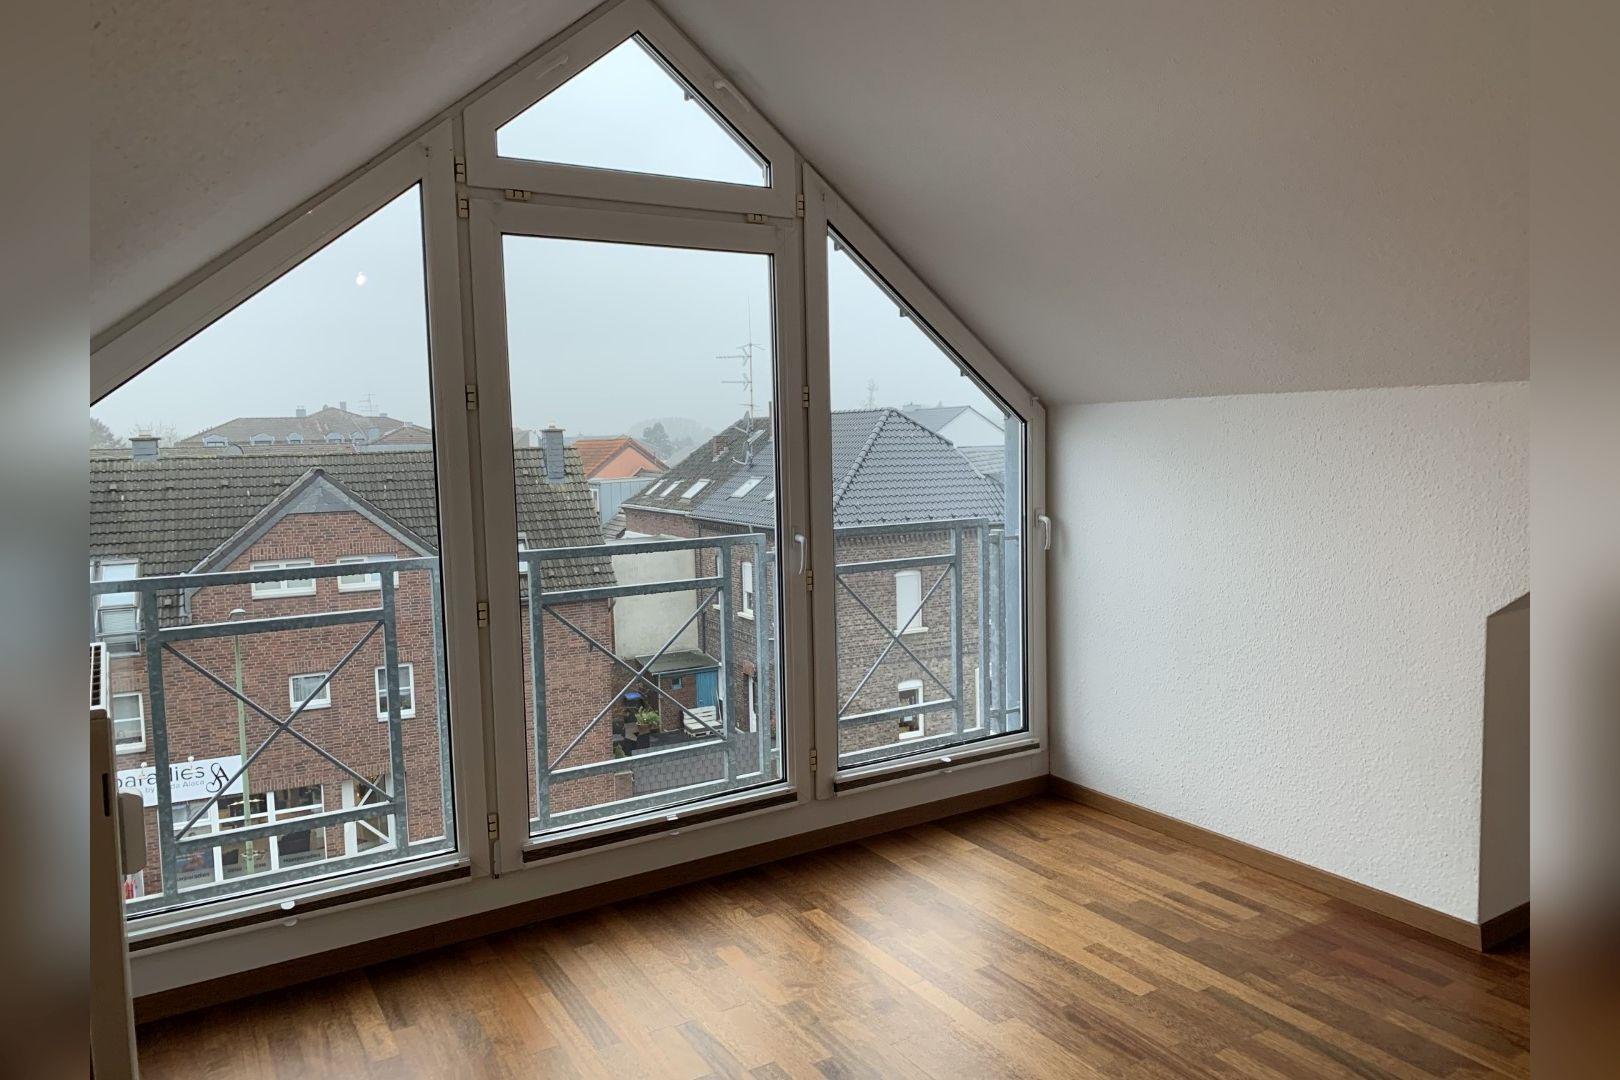 Immobilie Nr.0253 - 3-Zimmer-Maisonette-Wohnung  - Bild 2.jpg